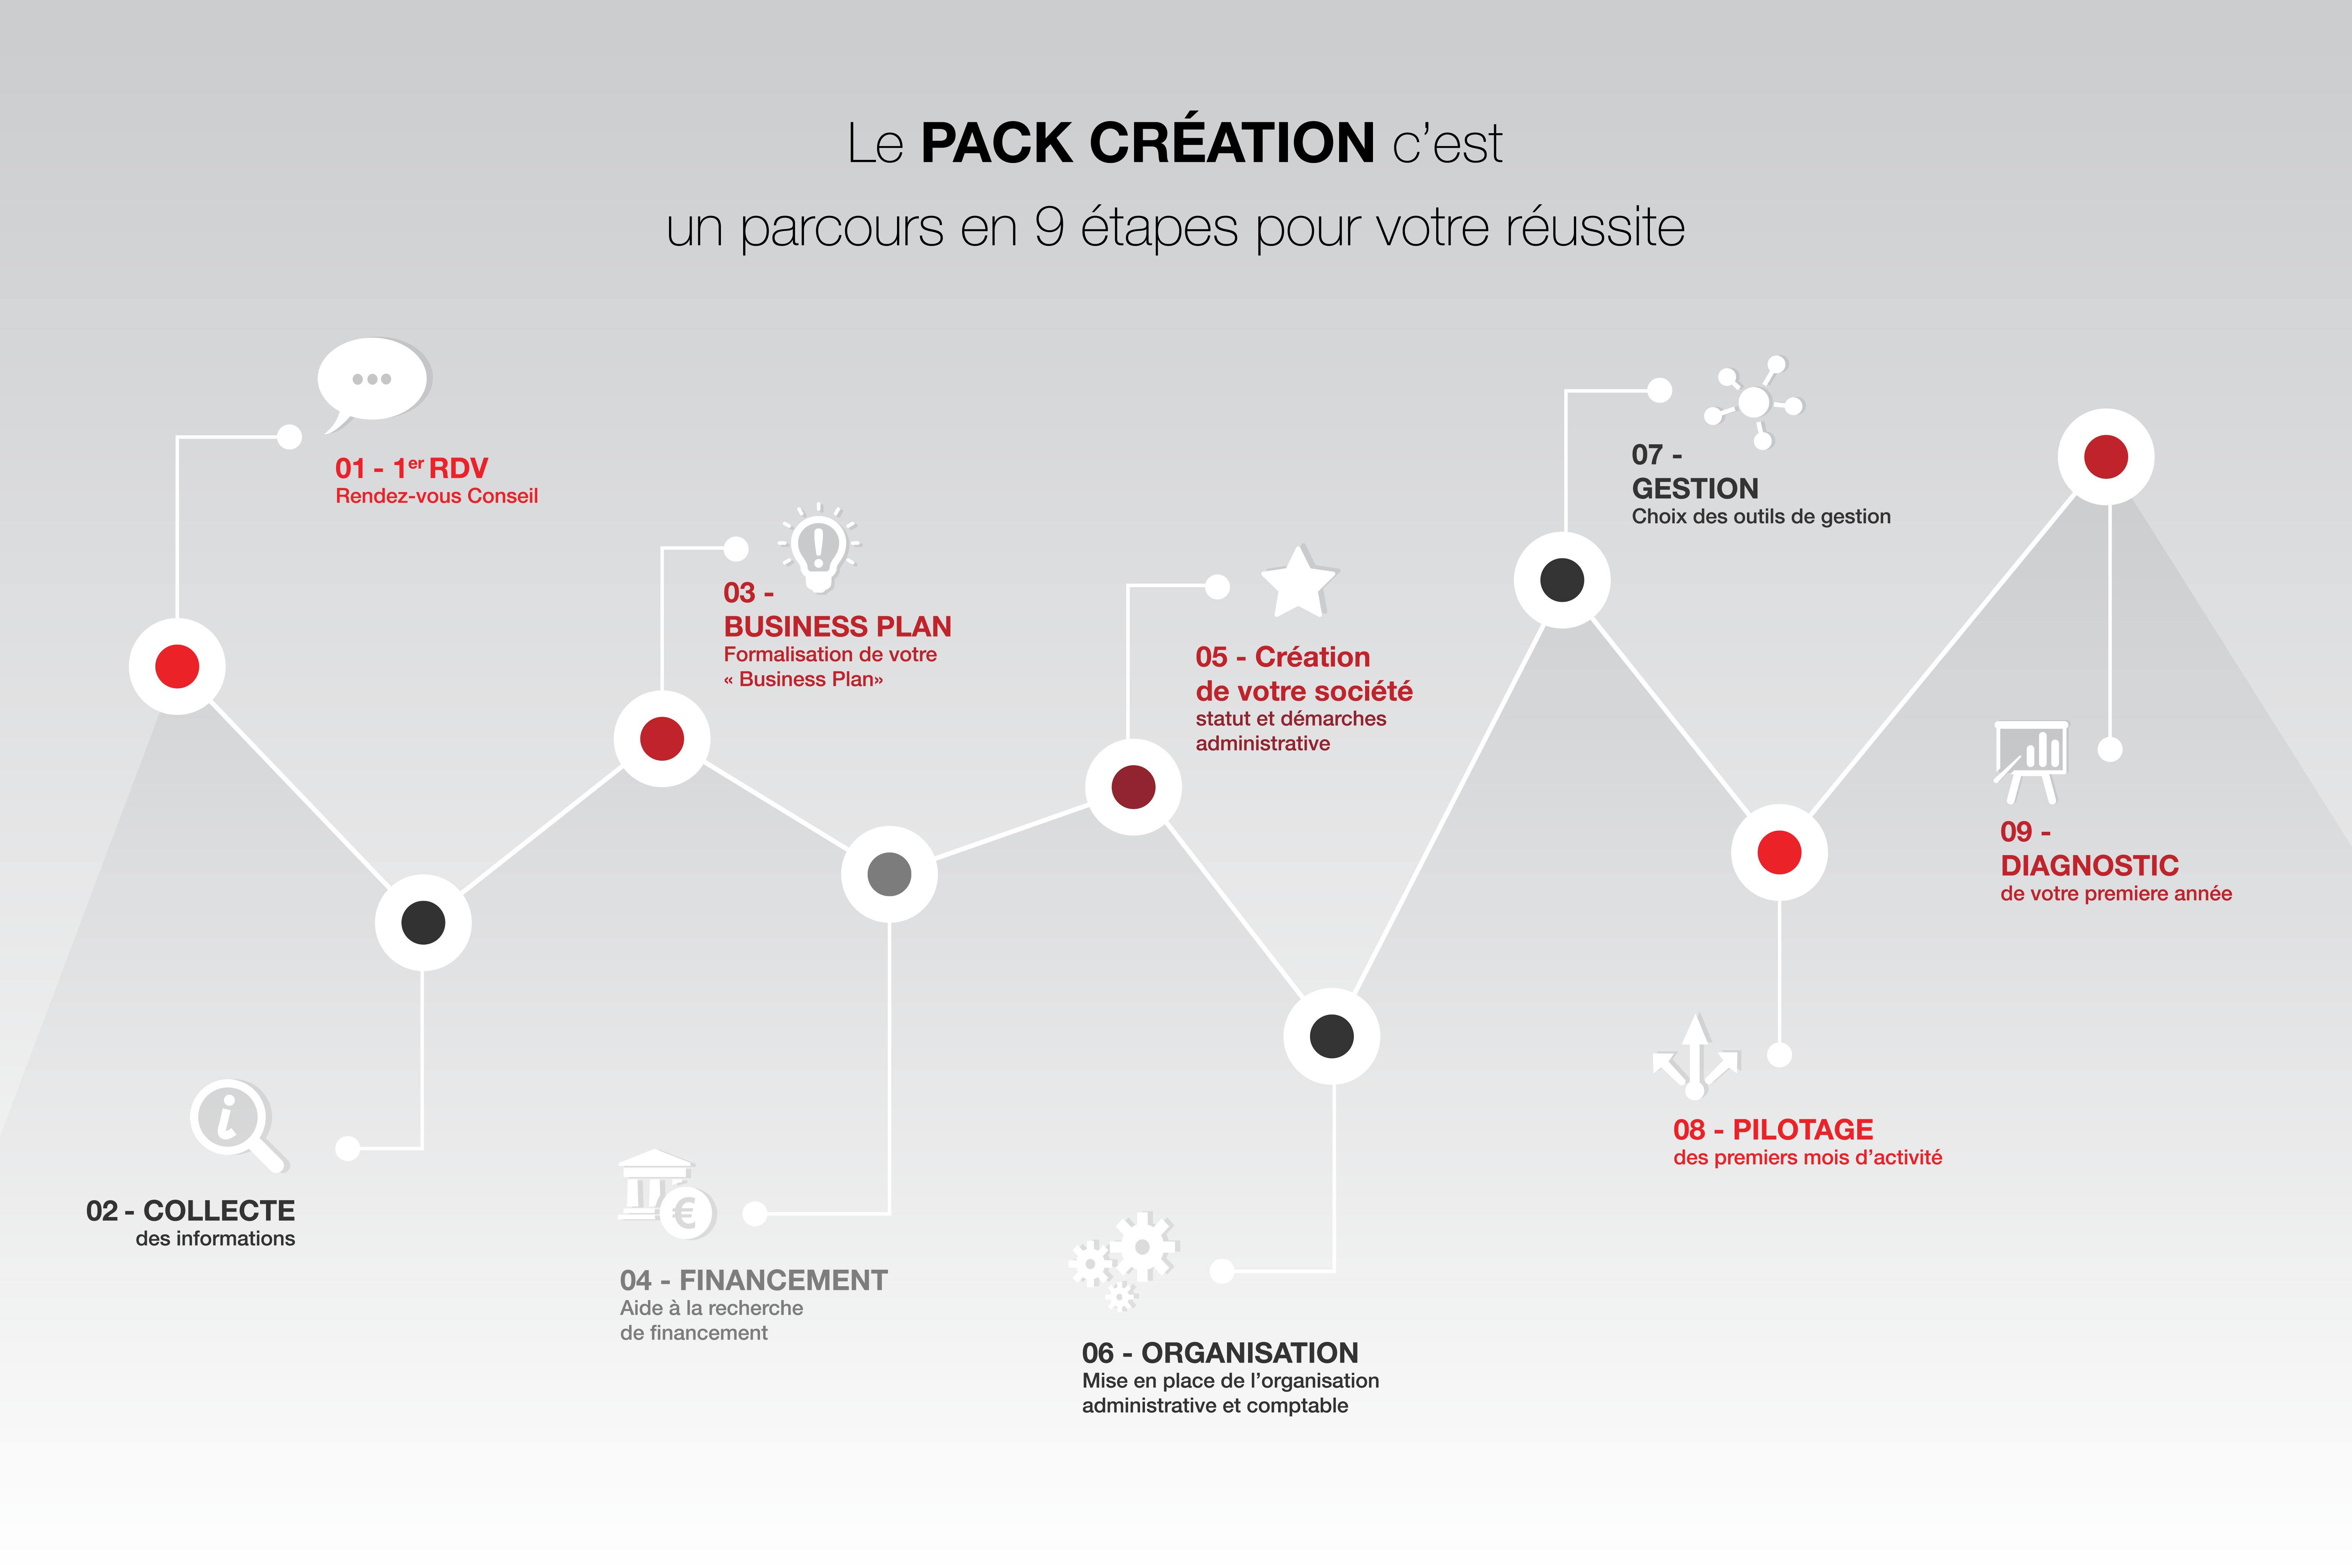 Les 9 étapes du pack création d'entreprise que propose le cabinet